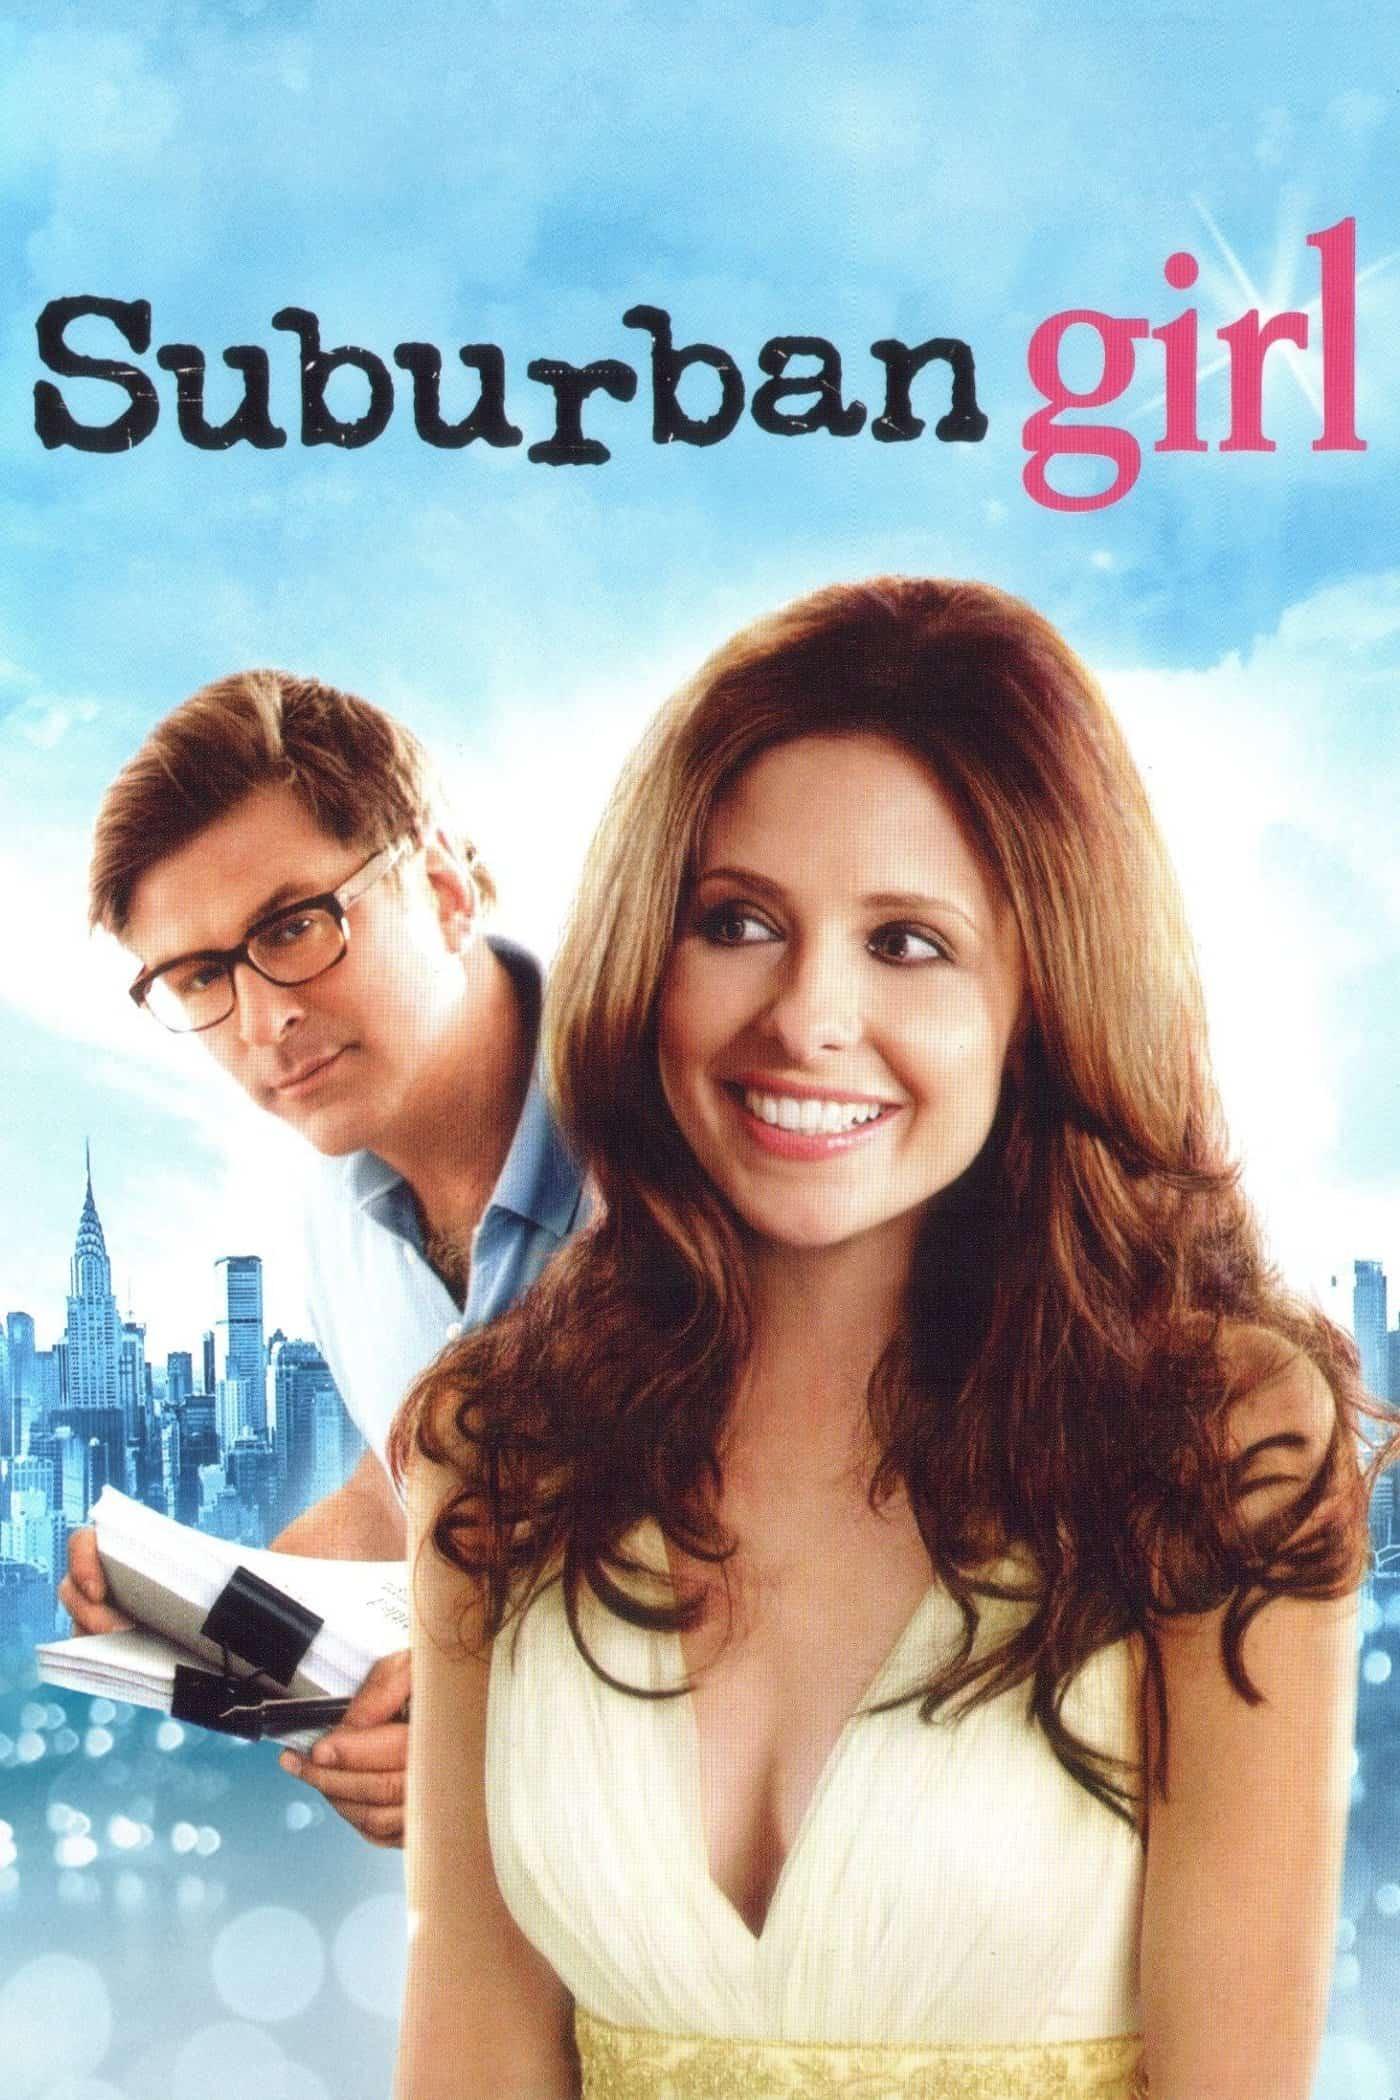 Suburban Girl, 2007